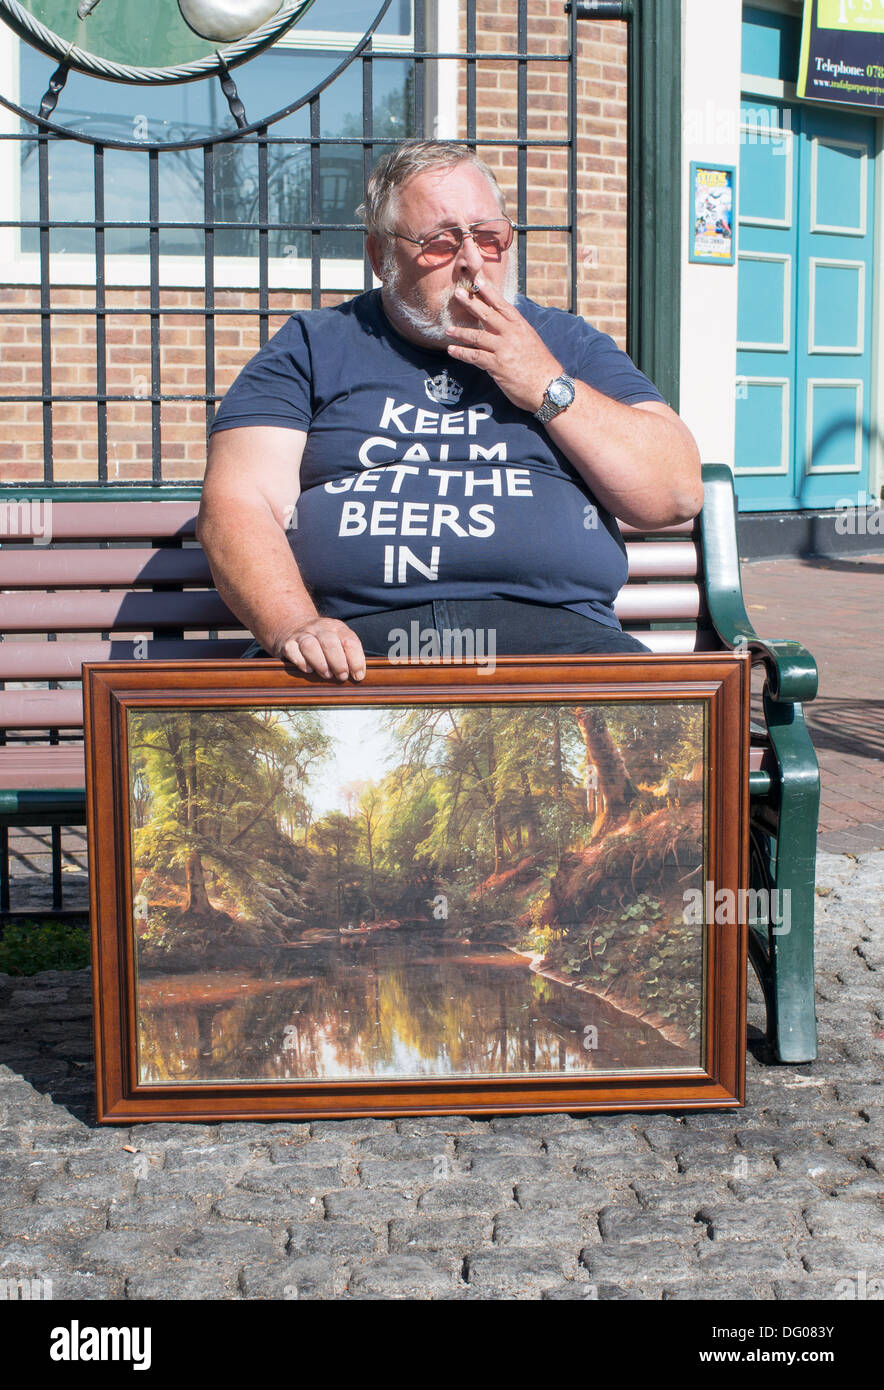 Obese man smoking and holding painting Gosport, Hampshire, England, UK Stock Photo